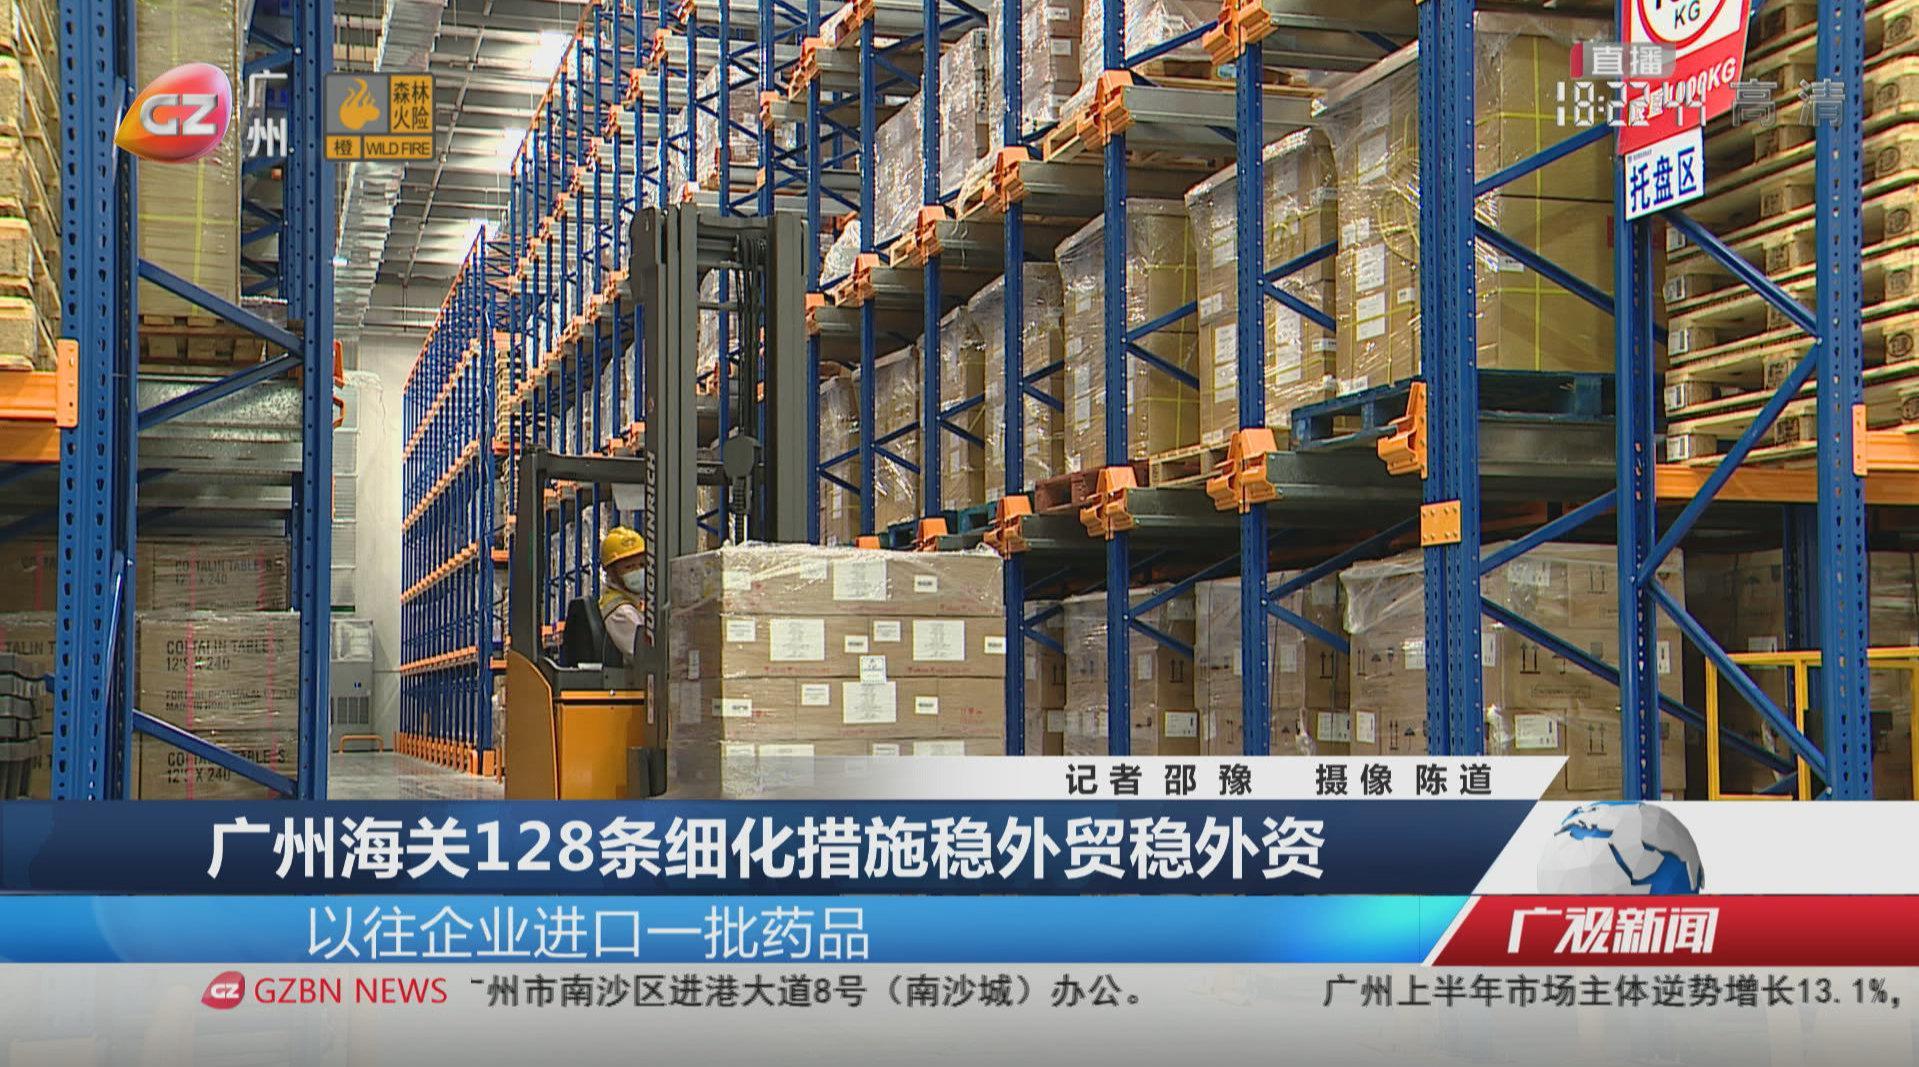 广州海关128条细化措施稳外贸稳外资